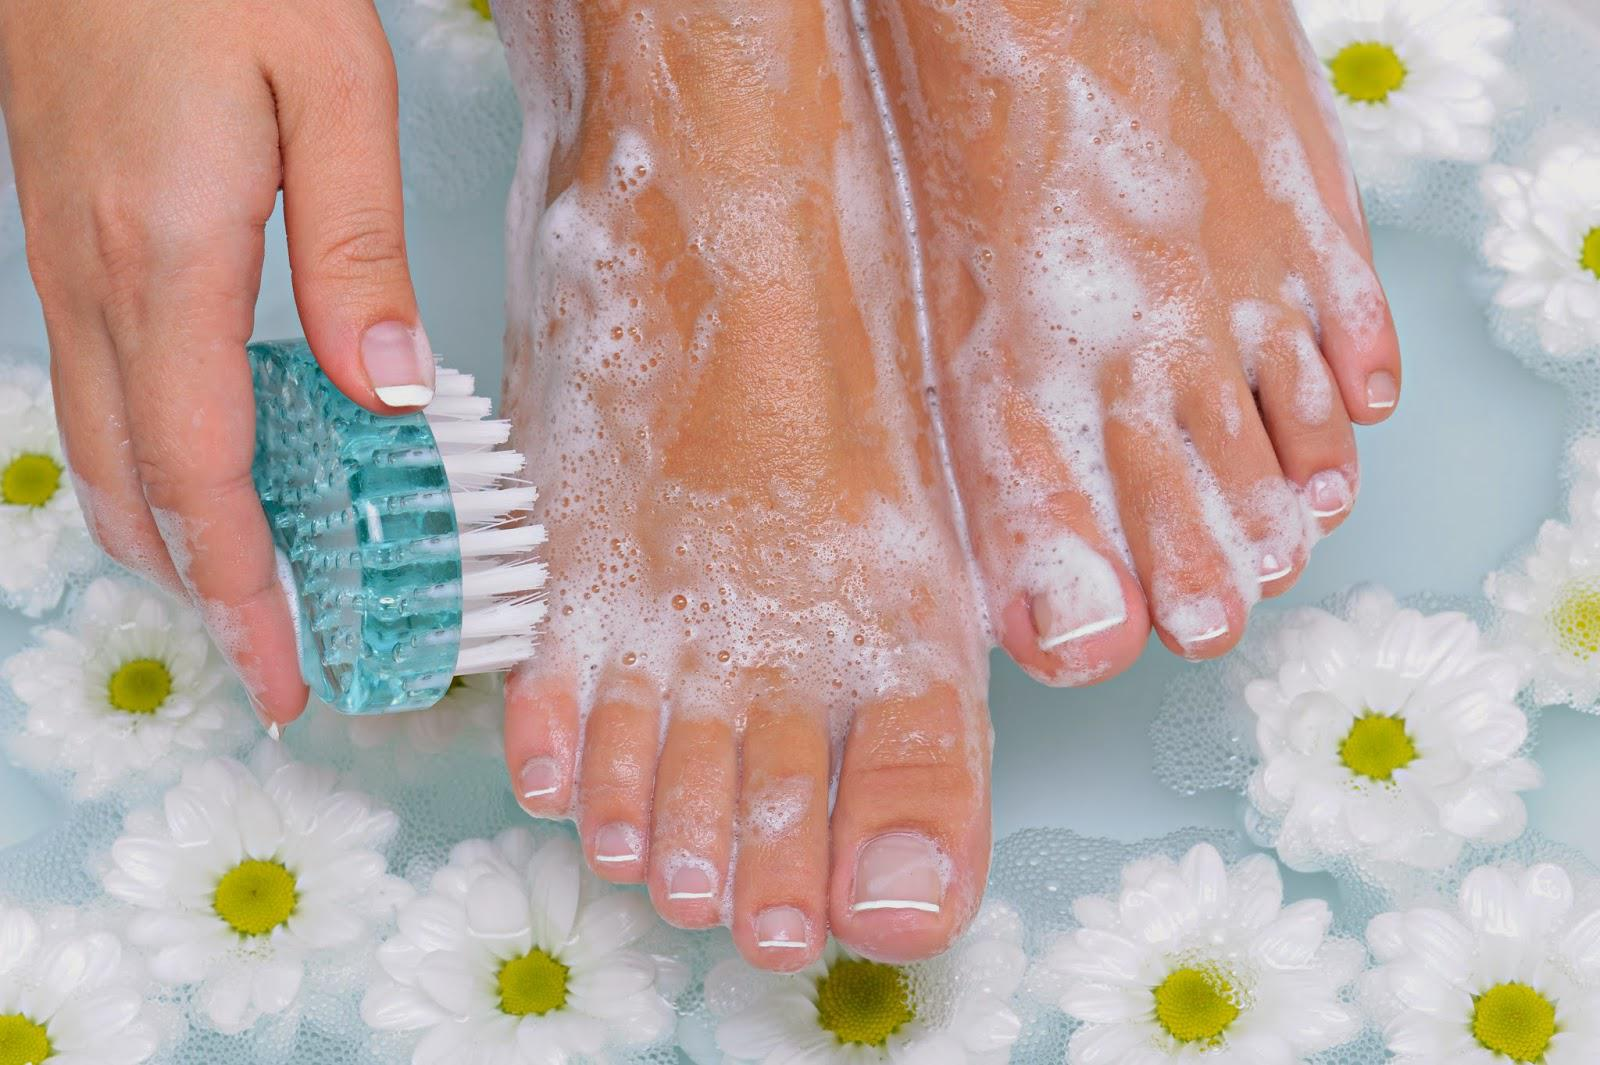 Фото: приготовление ванны для чистки ног